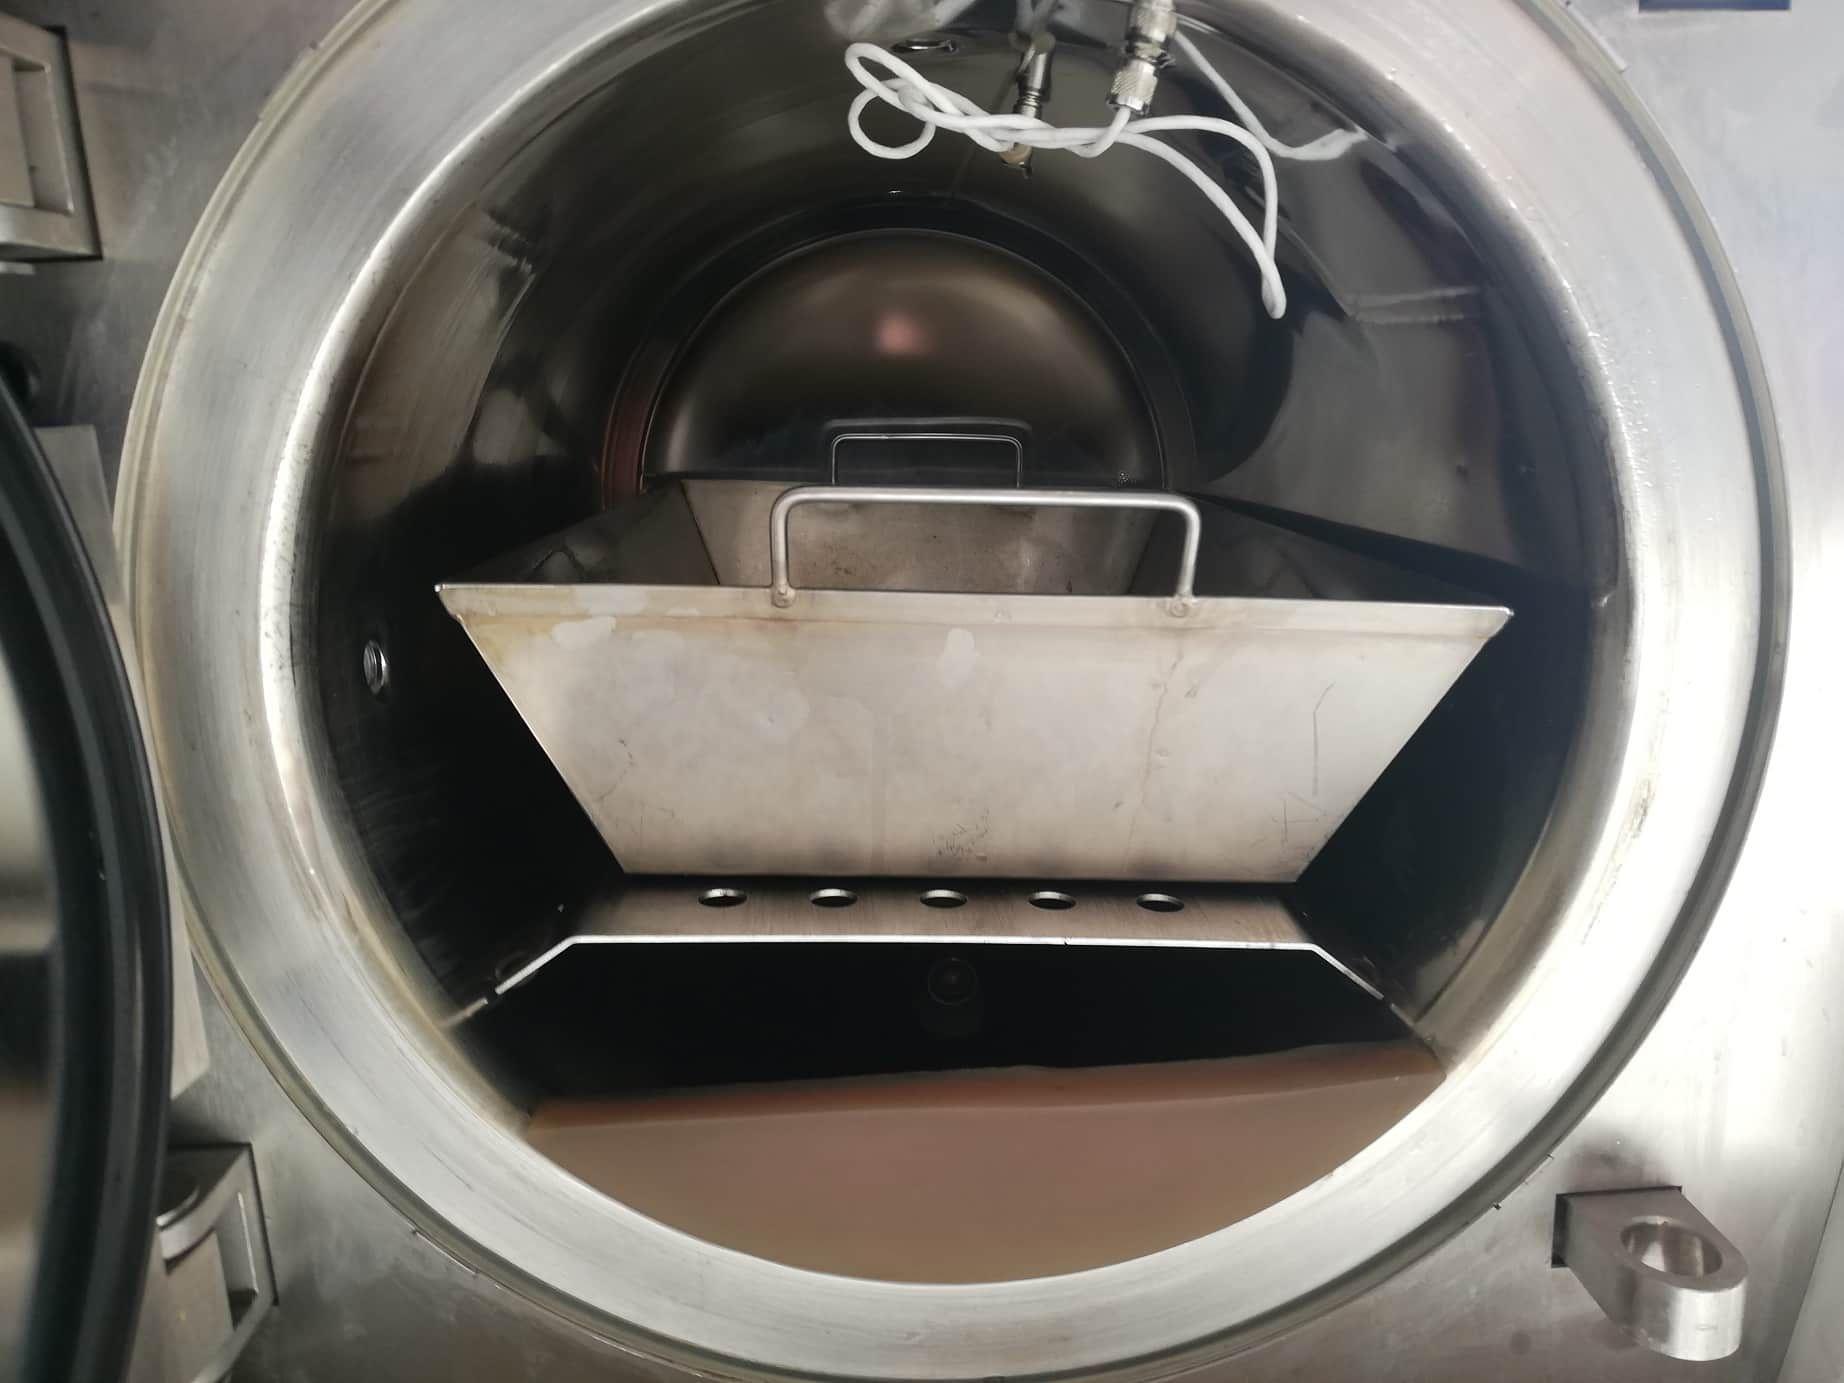 Laboratory autoclave DE-45 SYSTEC